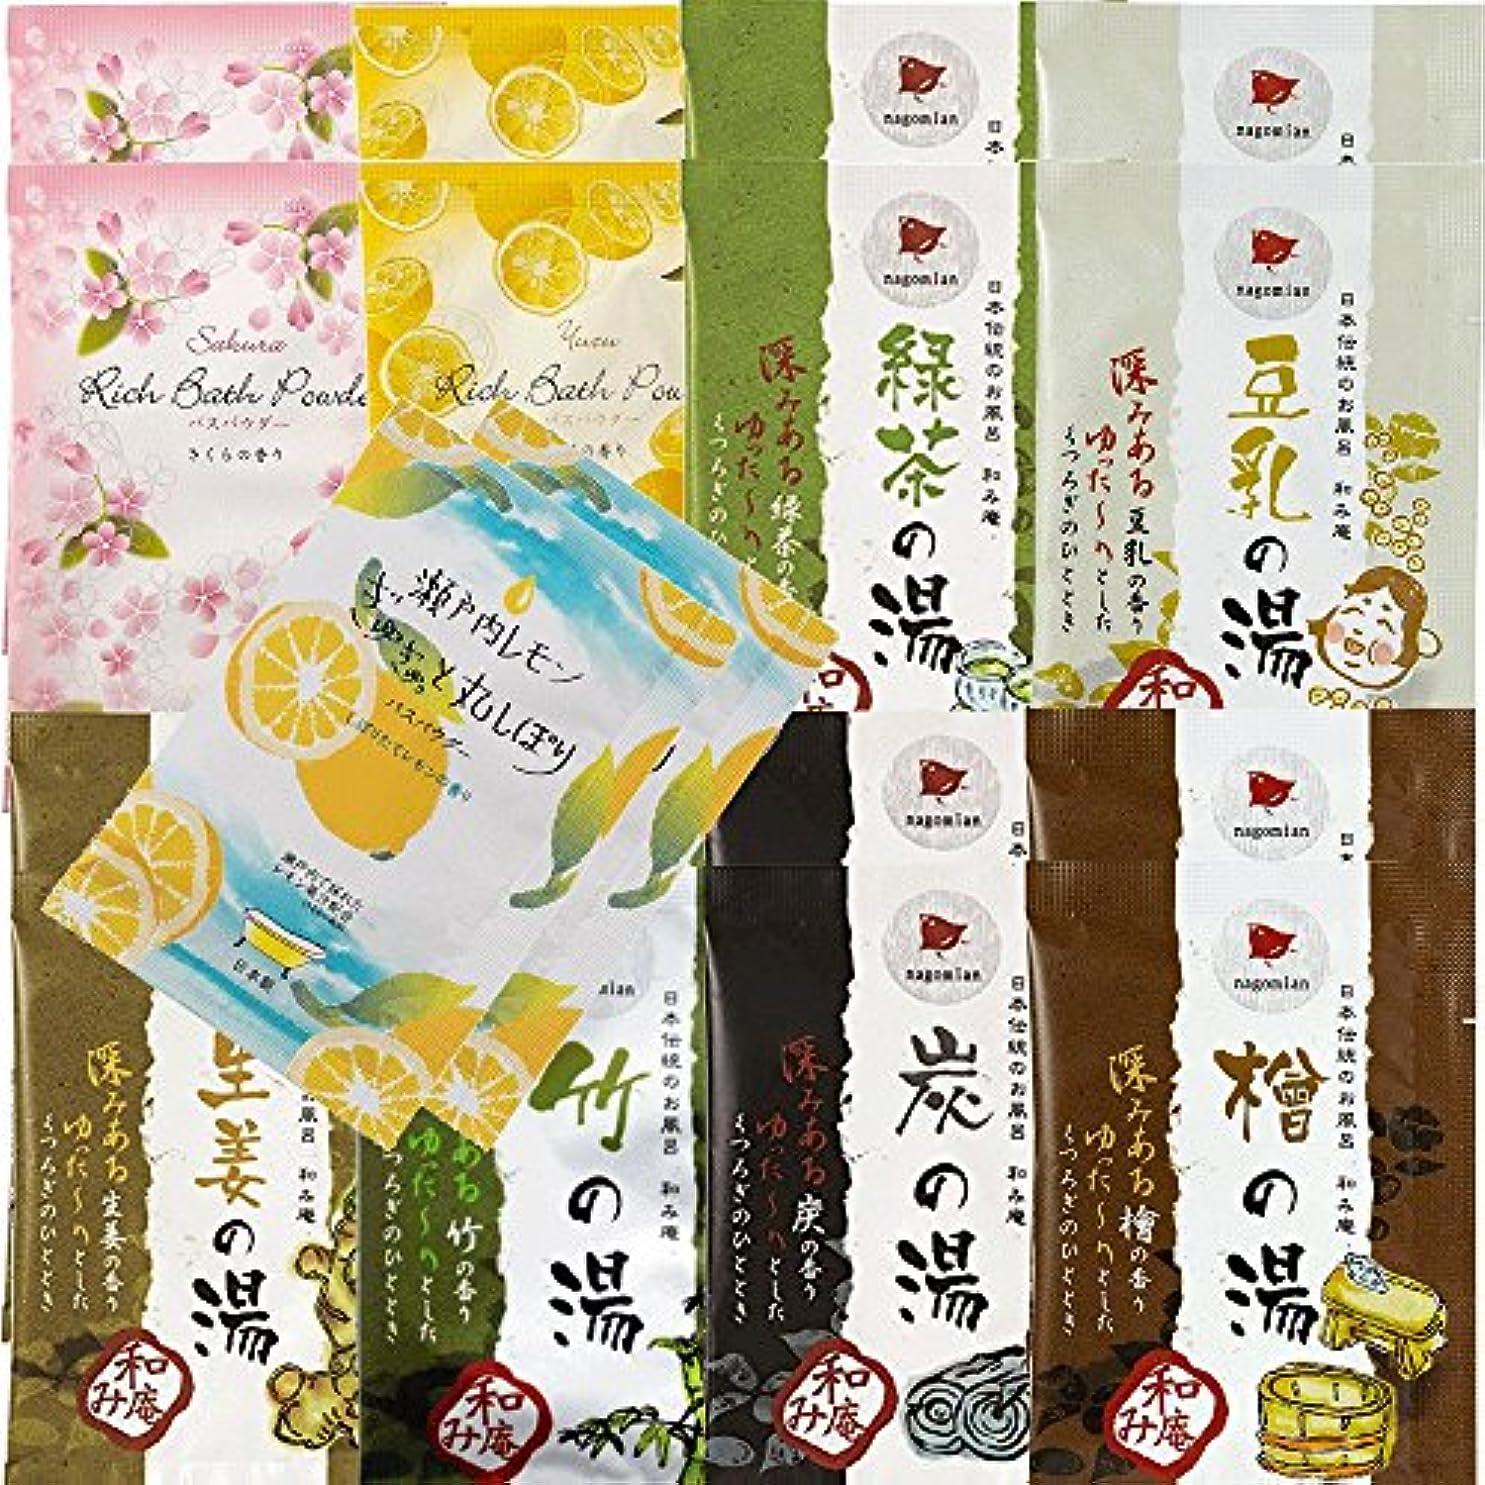 一口テンポ終了しました日本伝統のお風呂 和み庵 6種類×2 + バスパウダー 3種類×2セット 和風入浴剤 18包セット